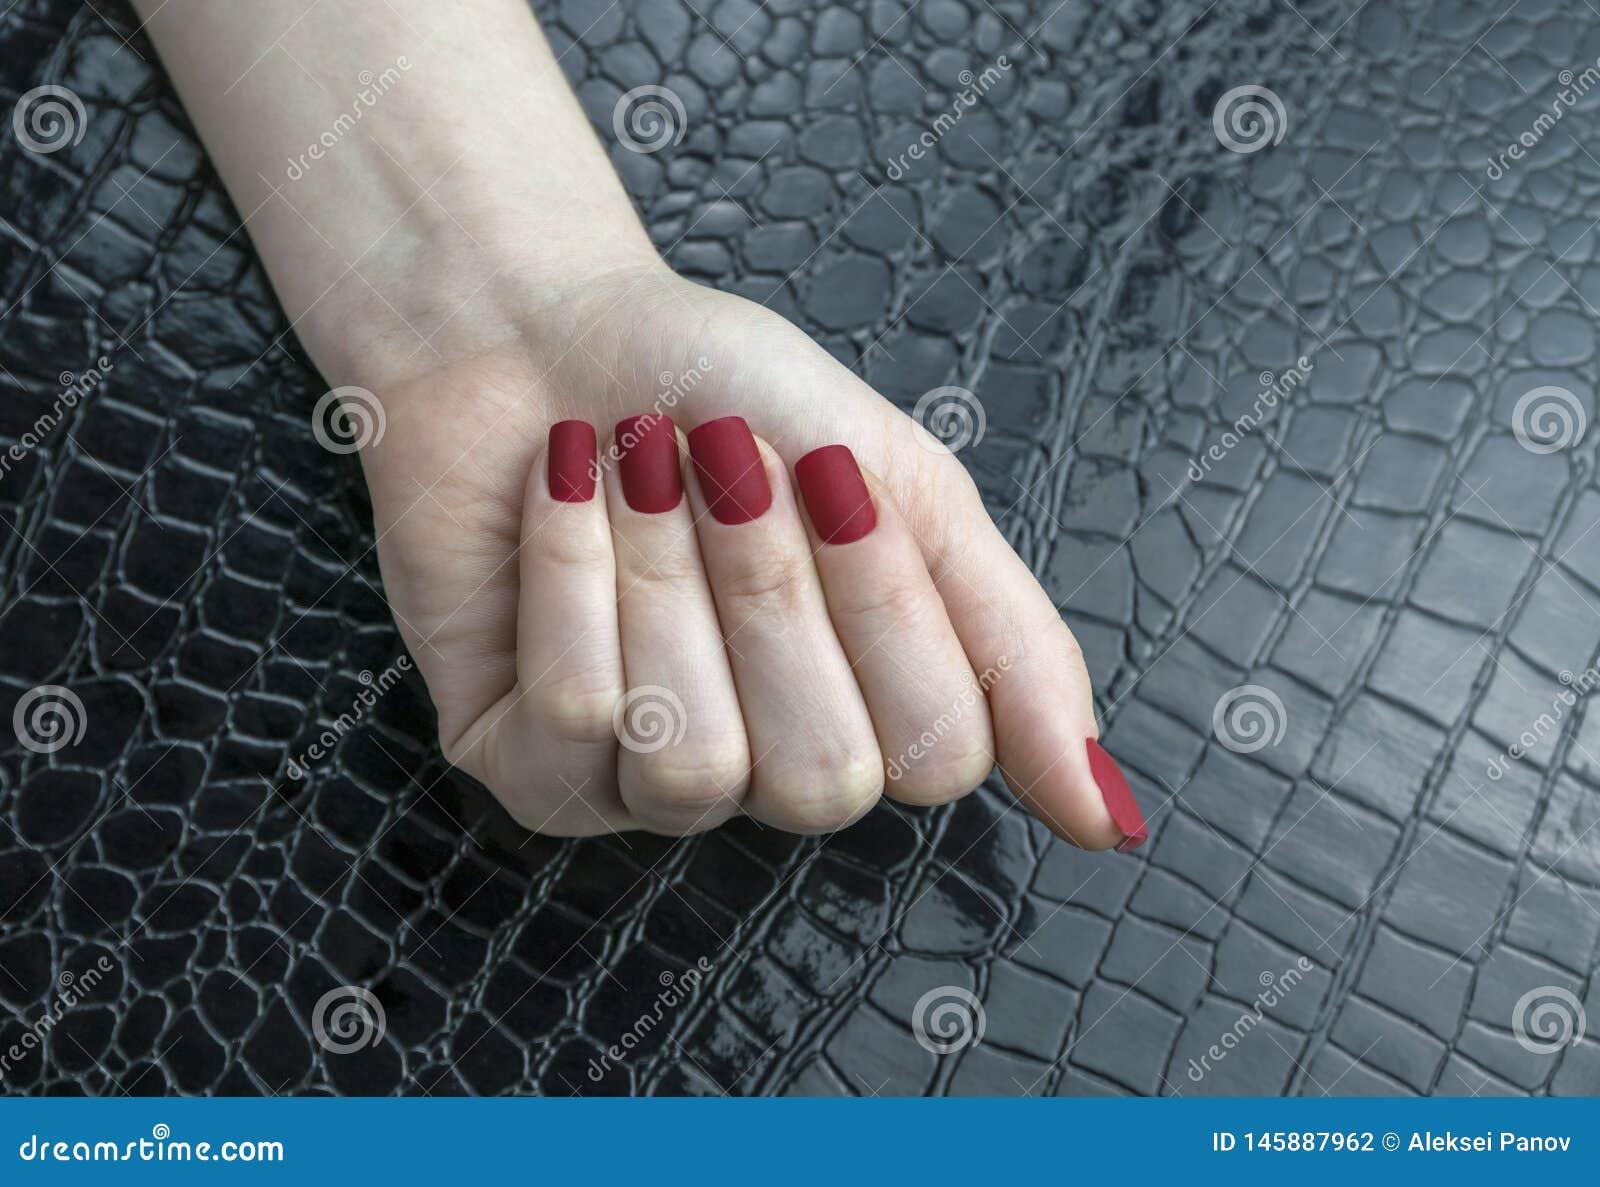 Stilvolle moderne weibliche rote Mattmanik?re, quadratische Form